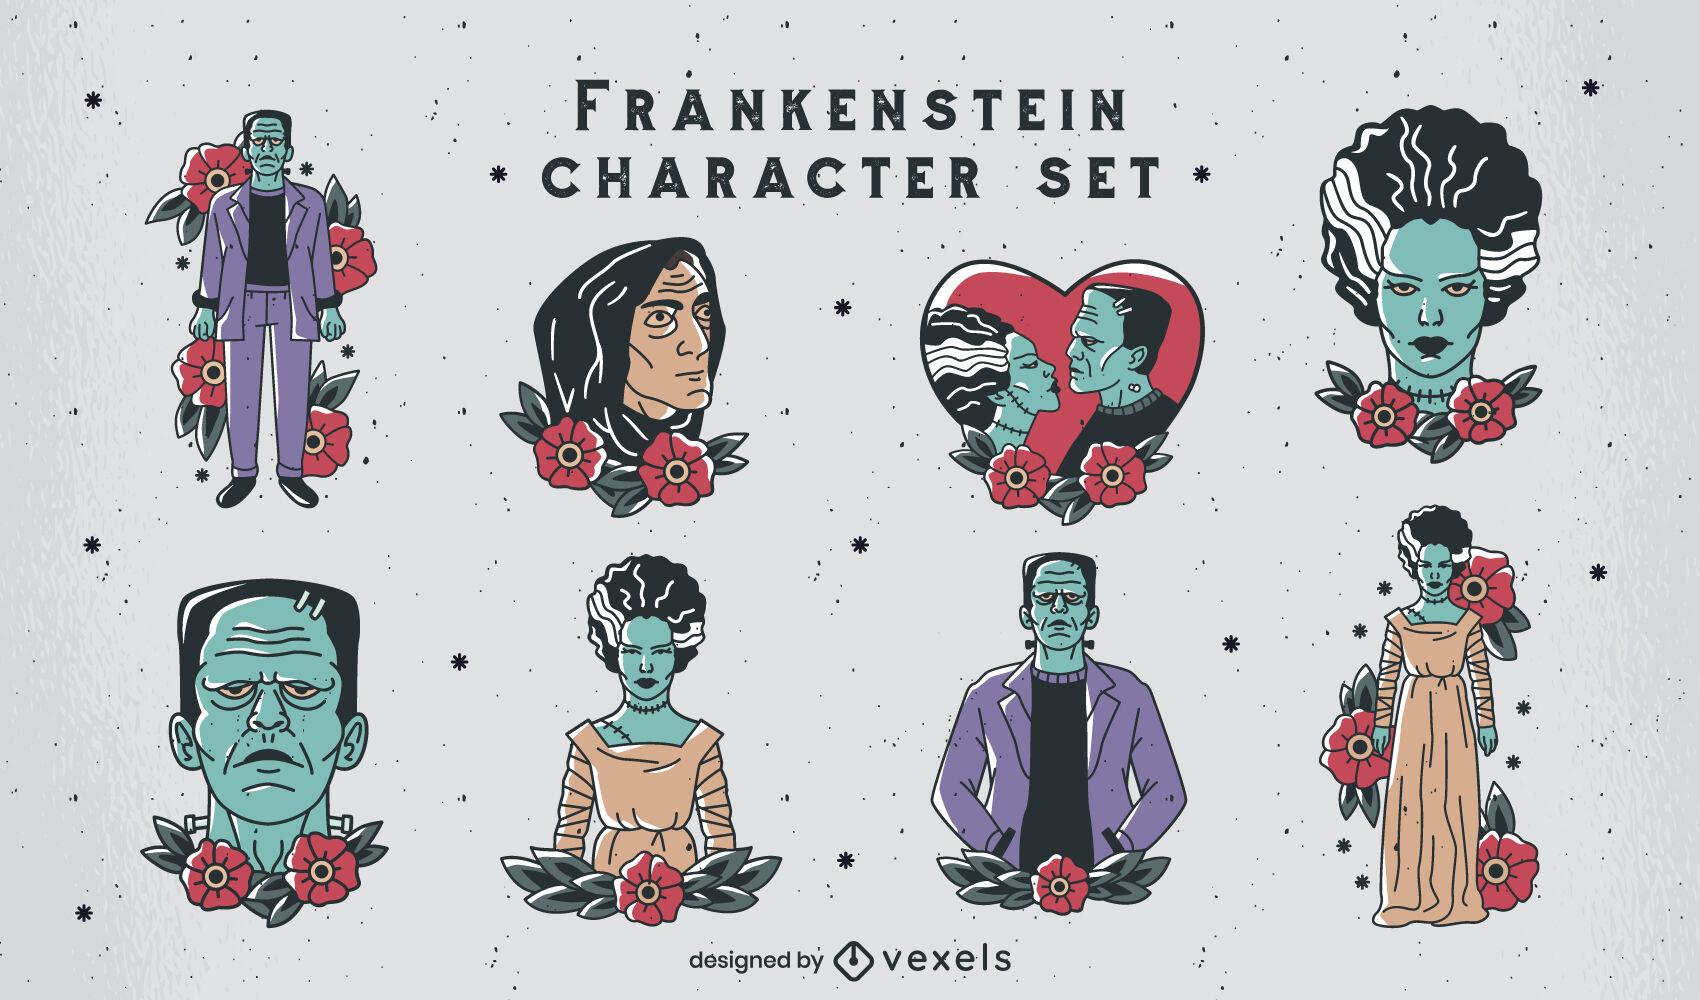 Frankenstein-Tattoo-Stil-Charaktere gesetzt